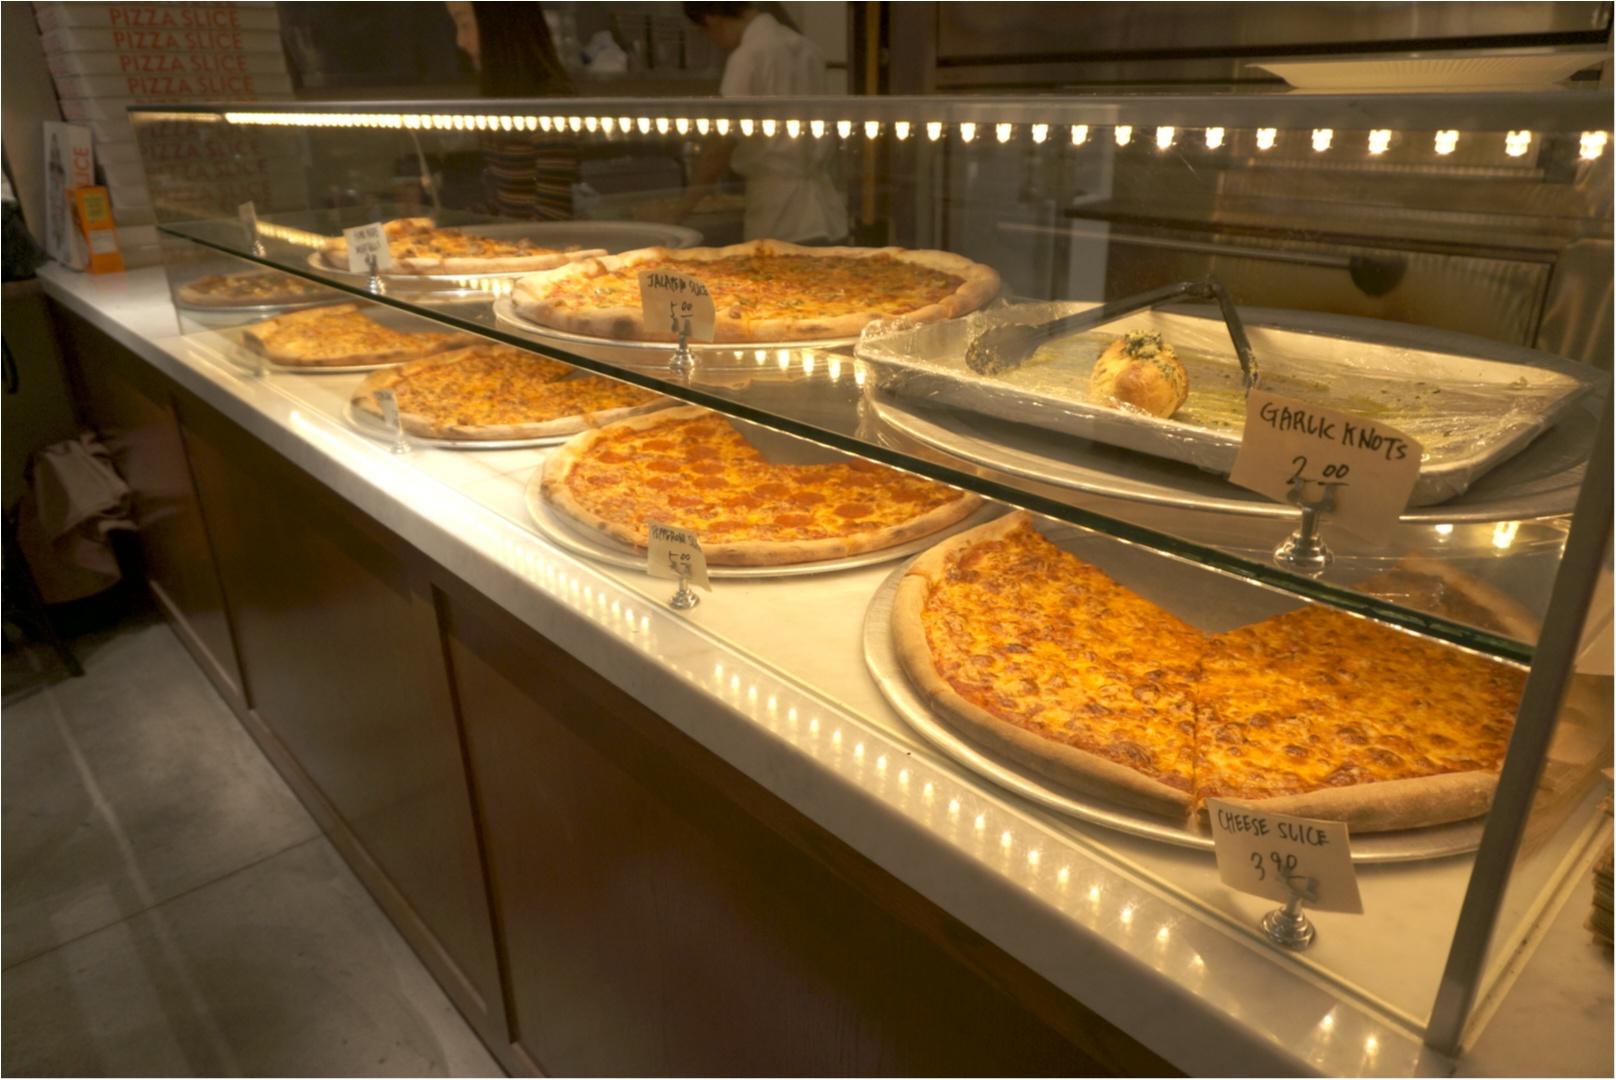 《サプライズは突然に♡》メッセージ入りのピザって見たことある?PIZZA SLICEの【バースデーピザ】が誕生日祝いの新定番‼︎_3